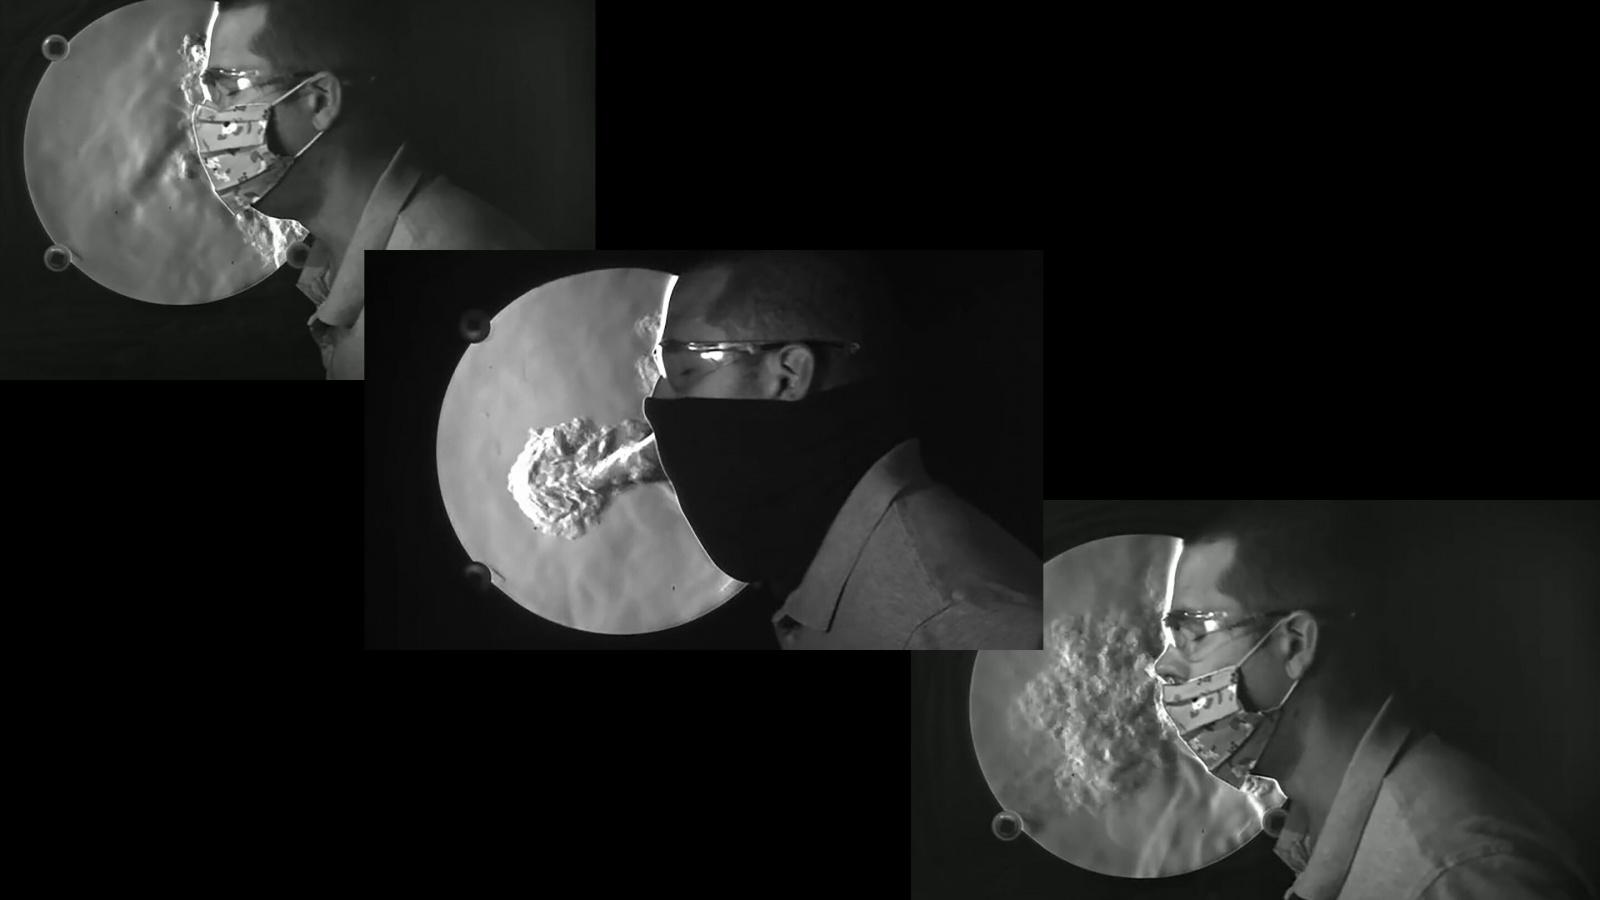 Новые видео демонстрируют, почему маски с клапанами не замедляют распространение COVID-19 - 1